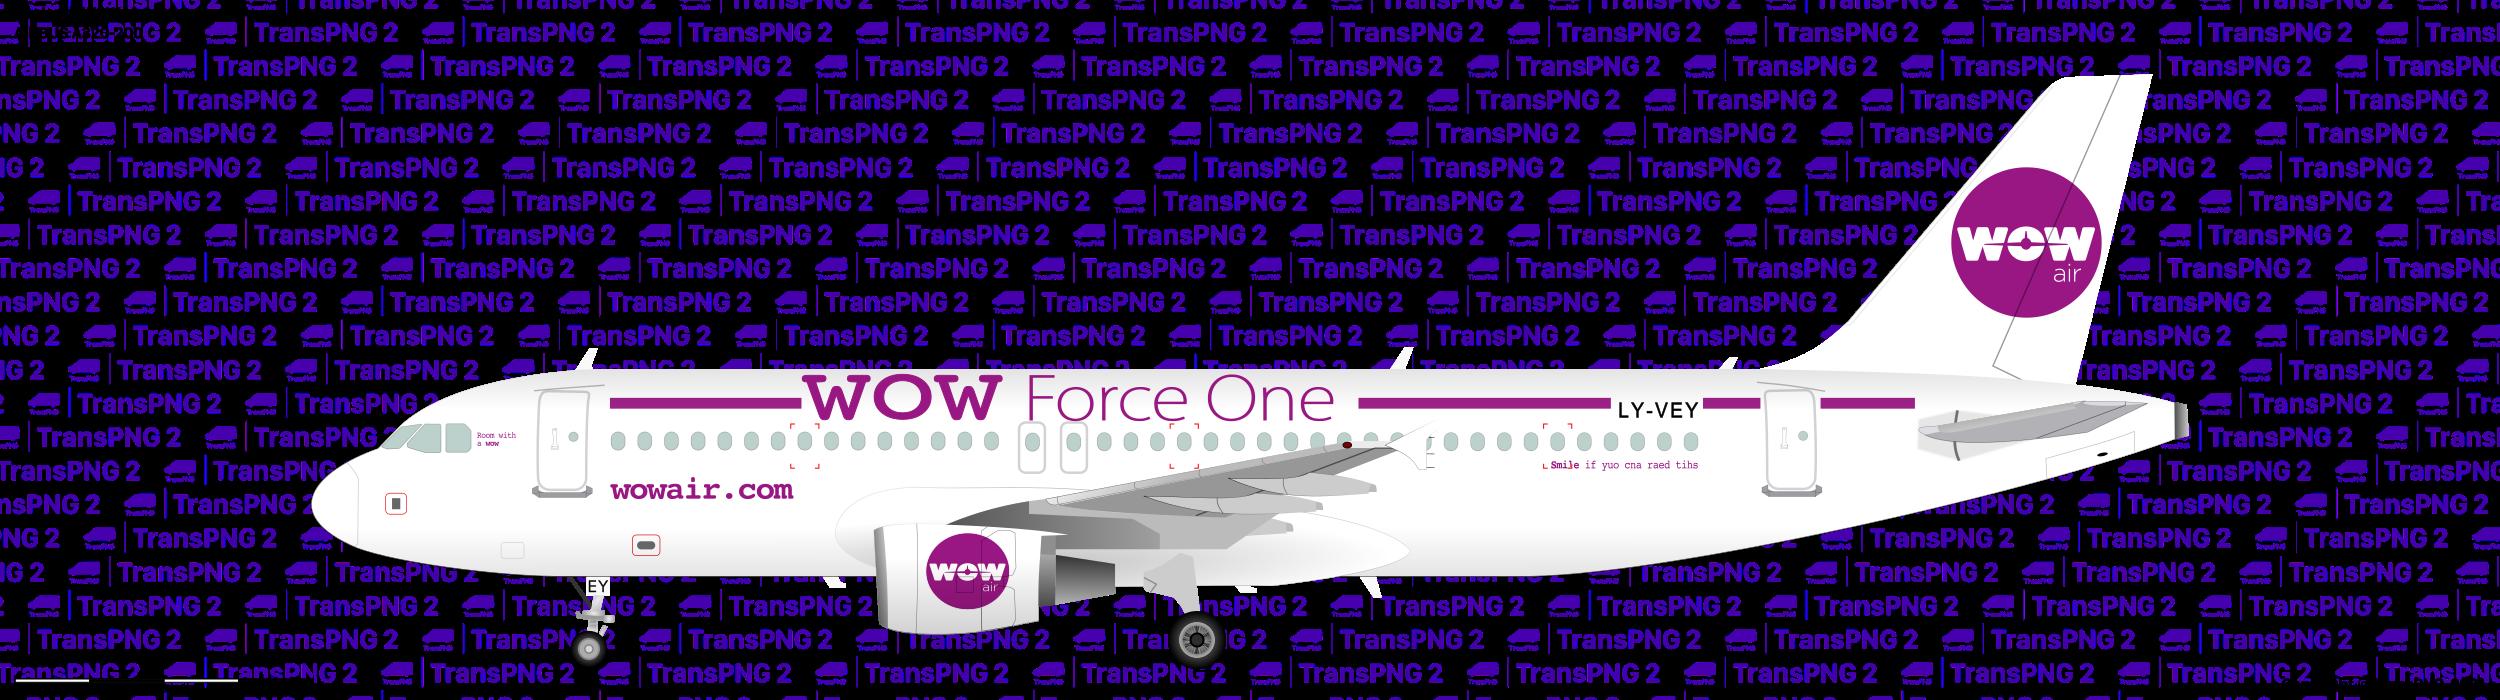 [25097] WOW air 25097